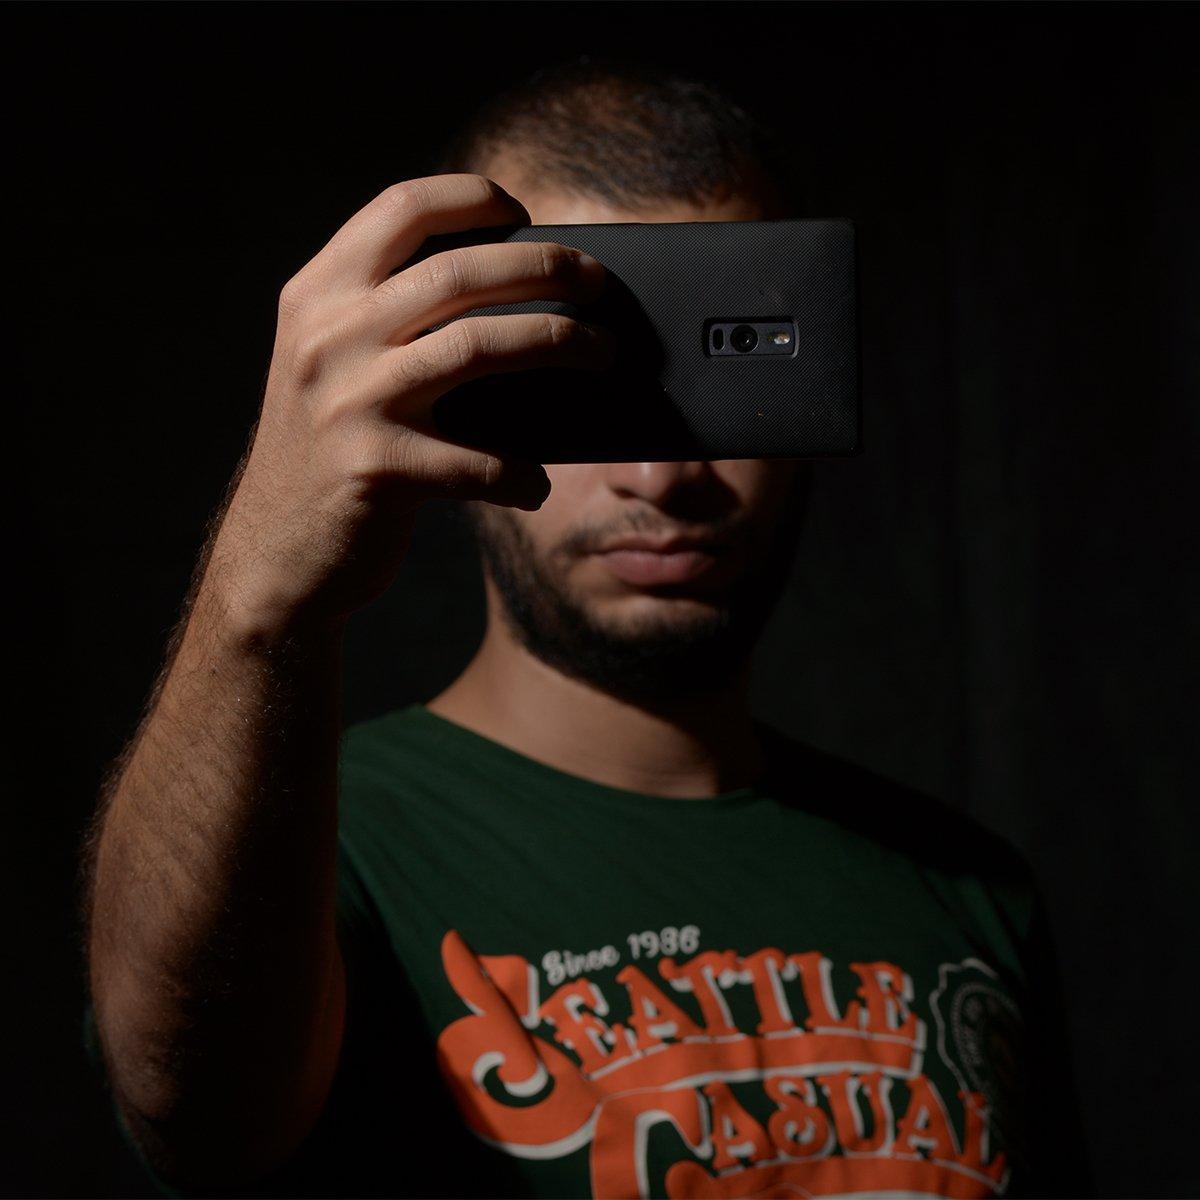 كاميرة التليفون بتهزك؟ #الحرية_لأطفال_الشوارع #الحرية_لأطفال_شوارع https://t.co/thzonQR0yR